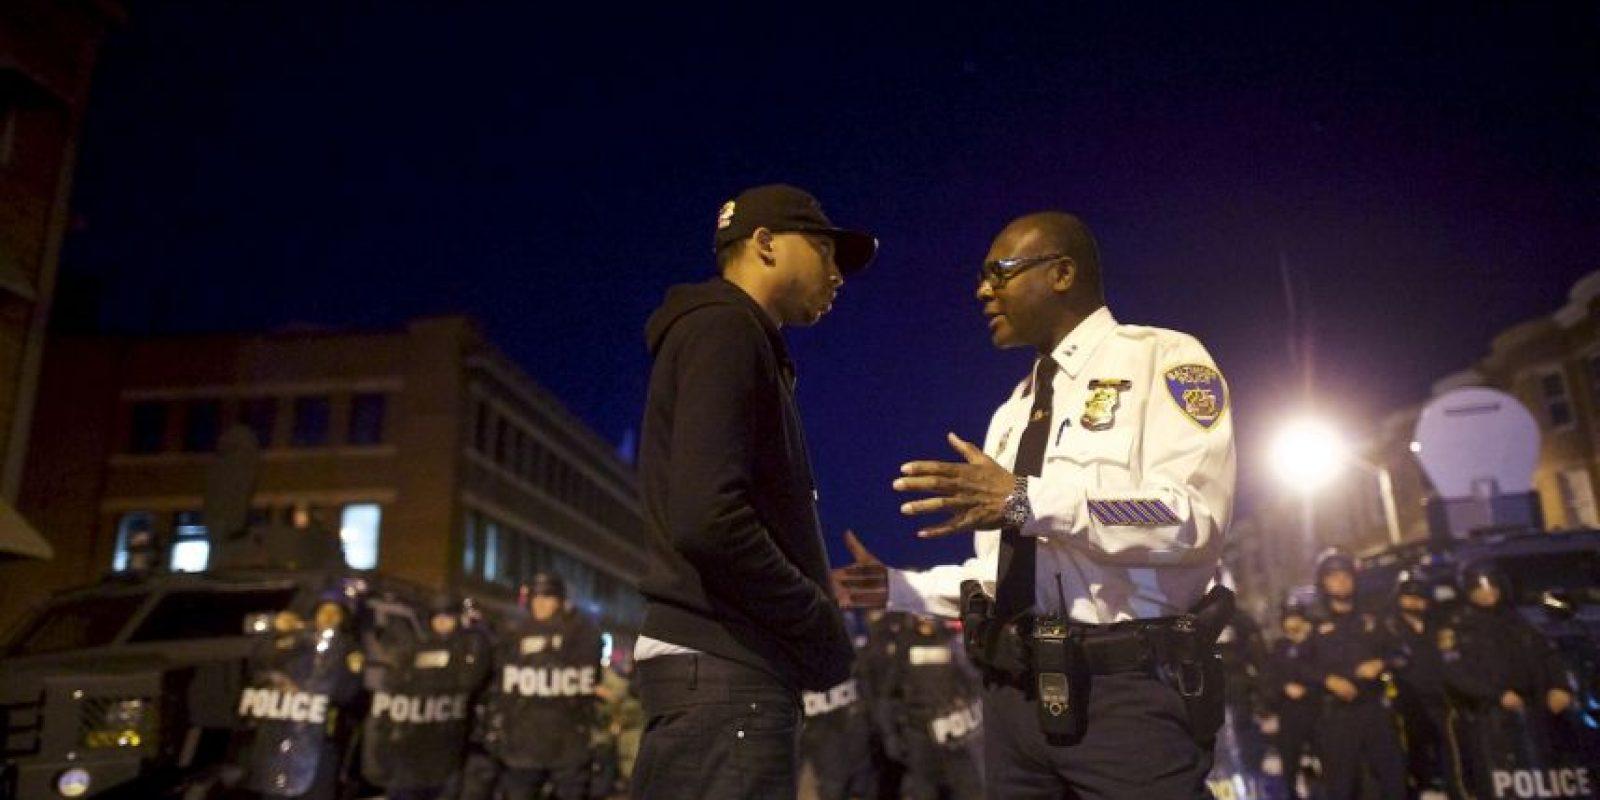 La policía comenzó a pedir a la gente que se retirara. Foto:Getty Images